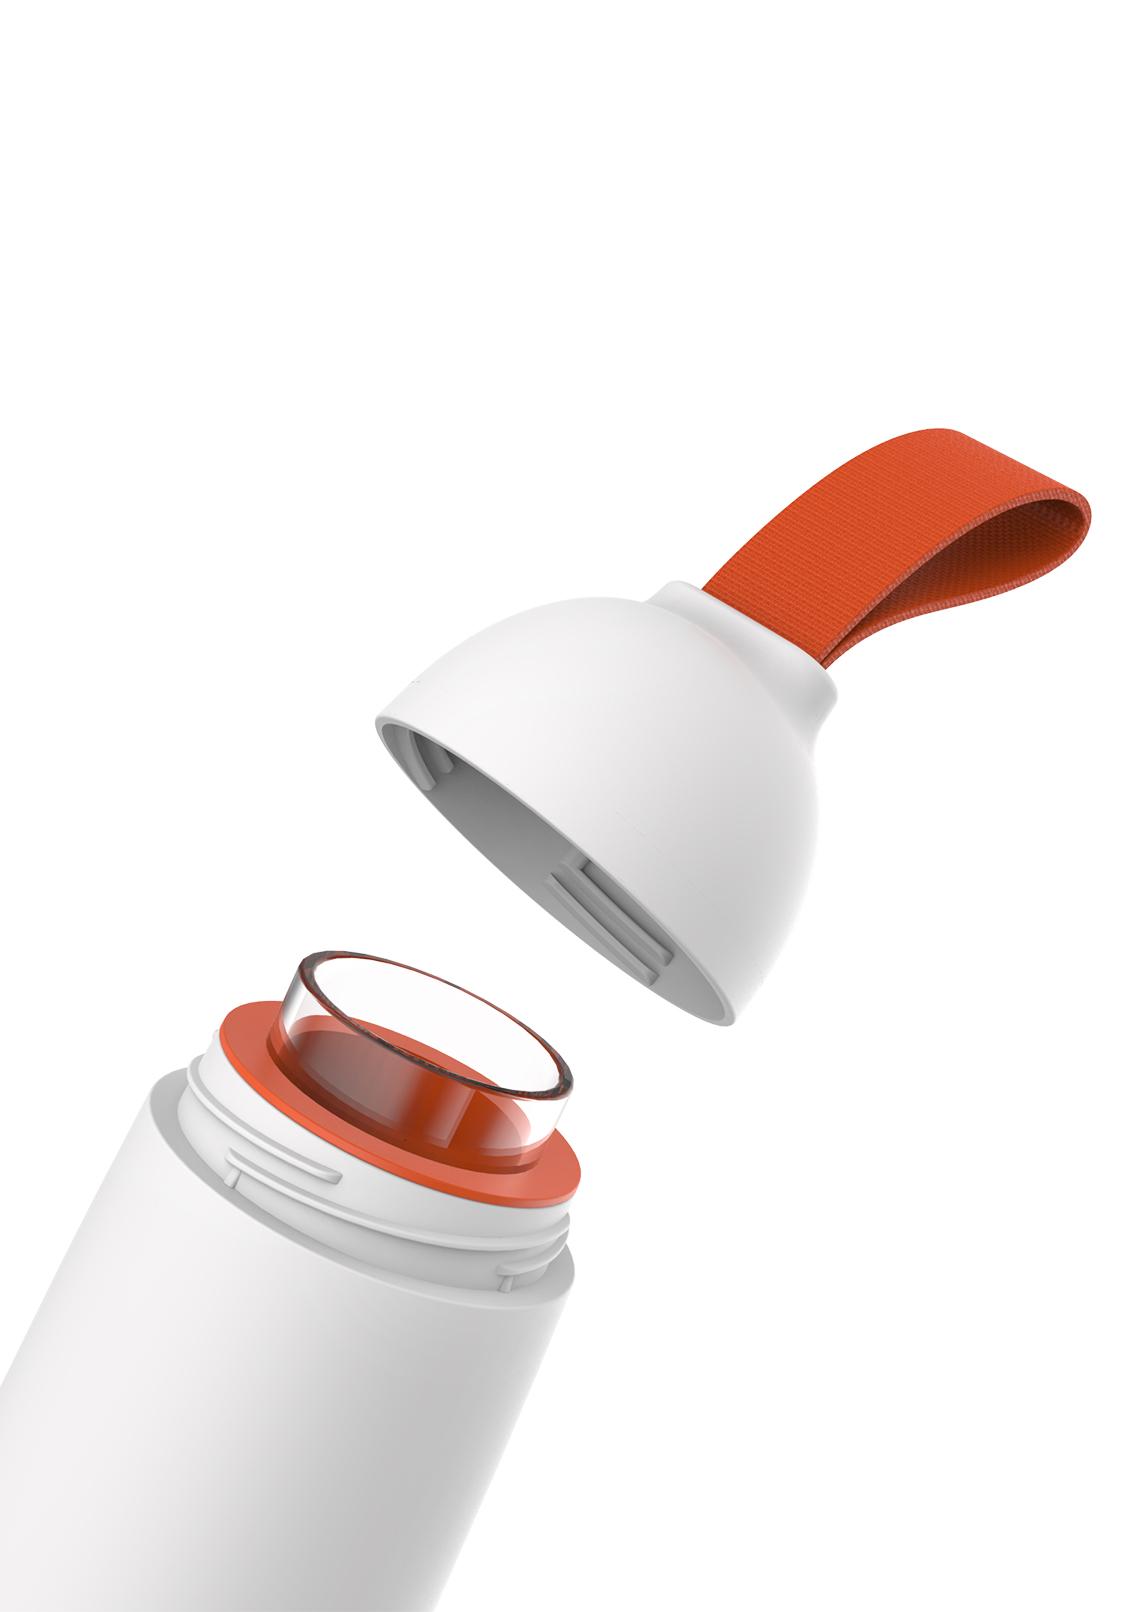 ouverture facile - Son joint en silicone et son système de fermeture à gros pas de vis sont hermétiques. Sa anse en tissu vous assure une prise en main facile. Rangement compact dans votre sac.• hermétique• rangement compact